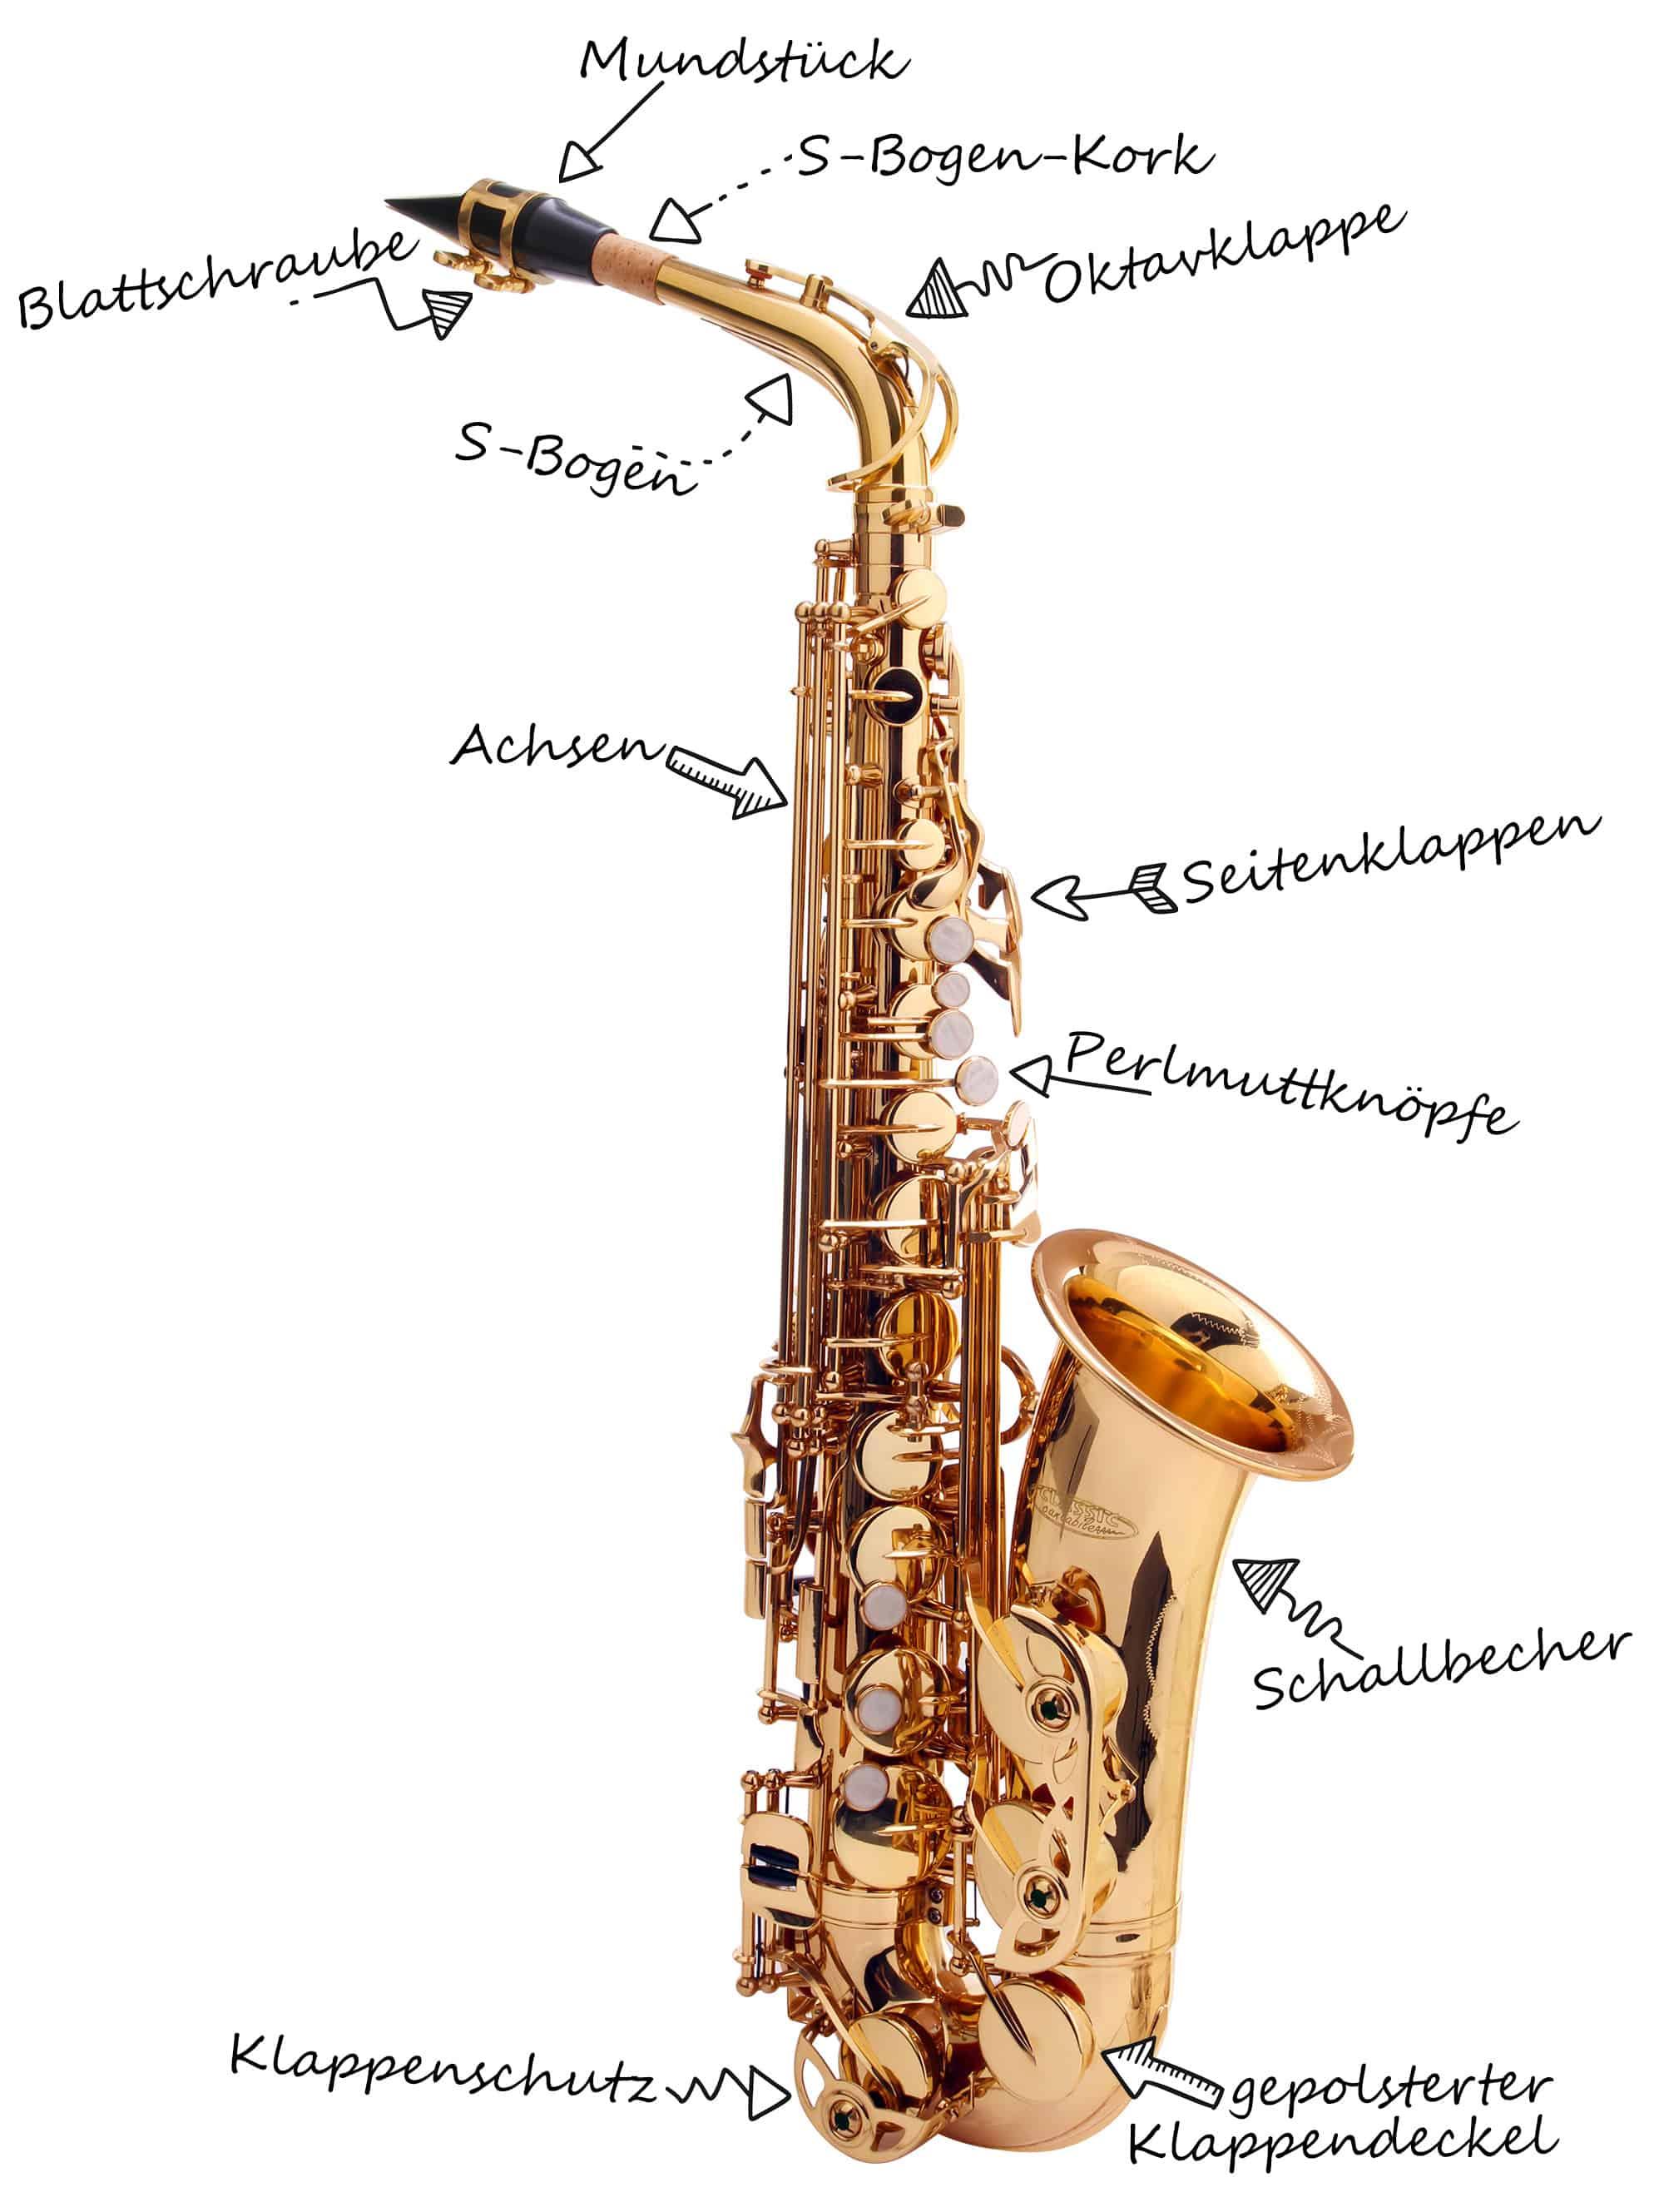 Altsaxophon mit Bezeichnungen zu verschiedenen Bauteilen.